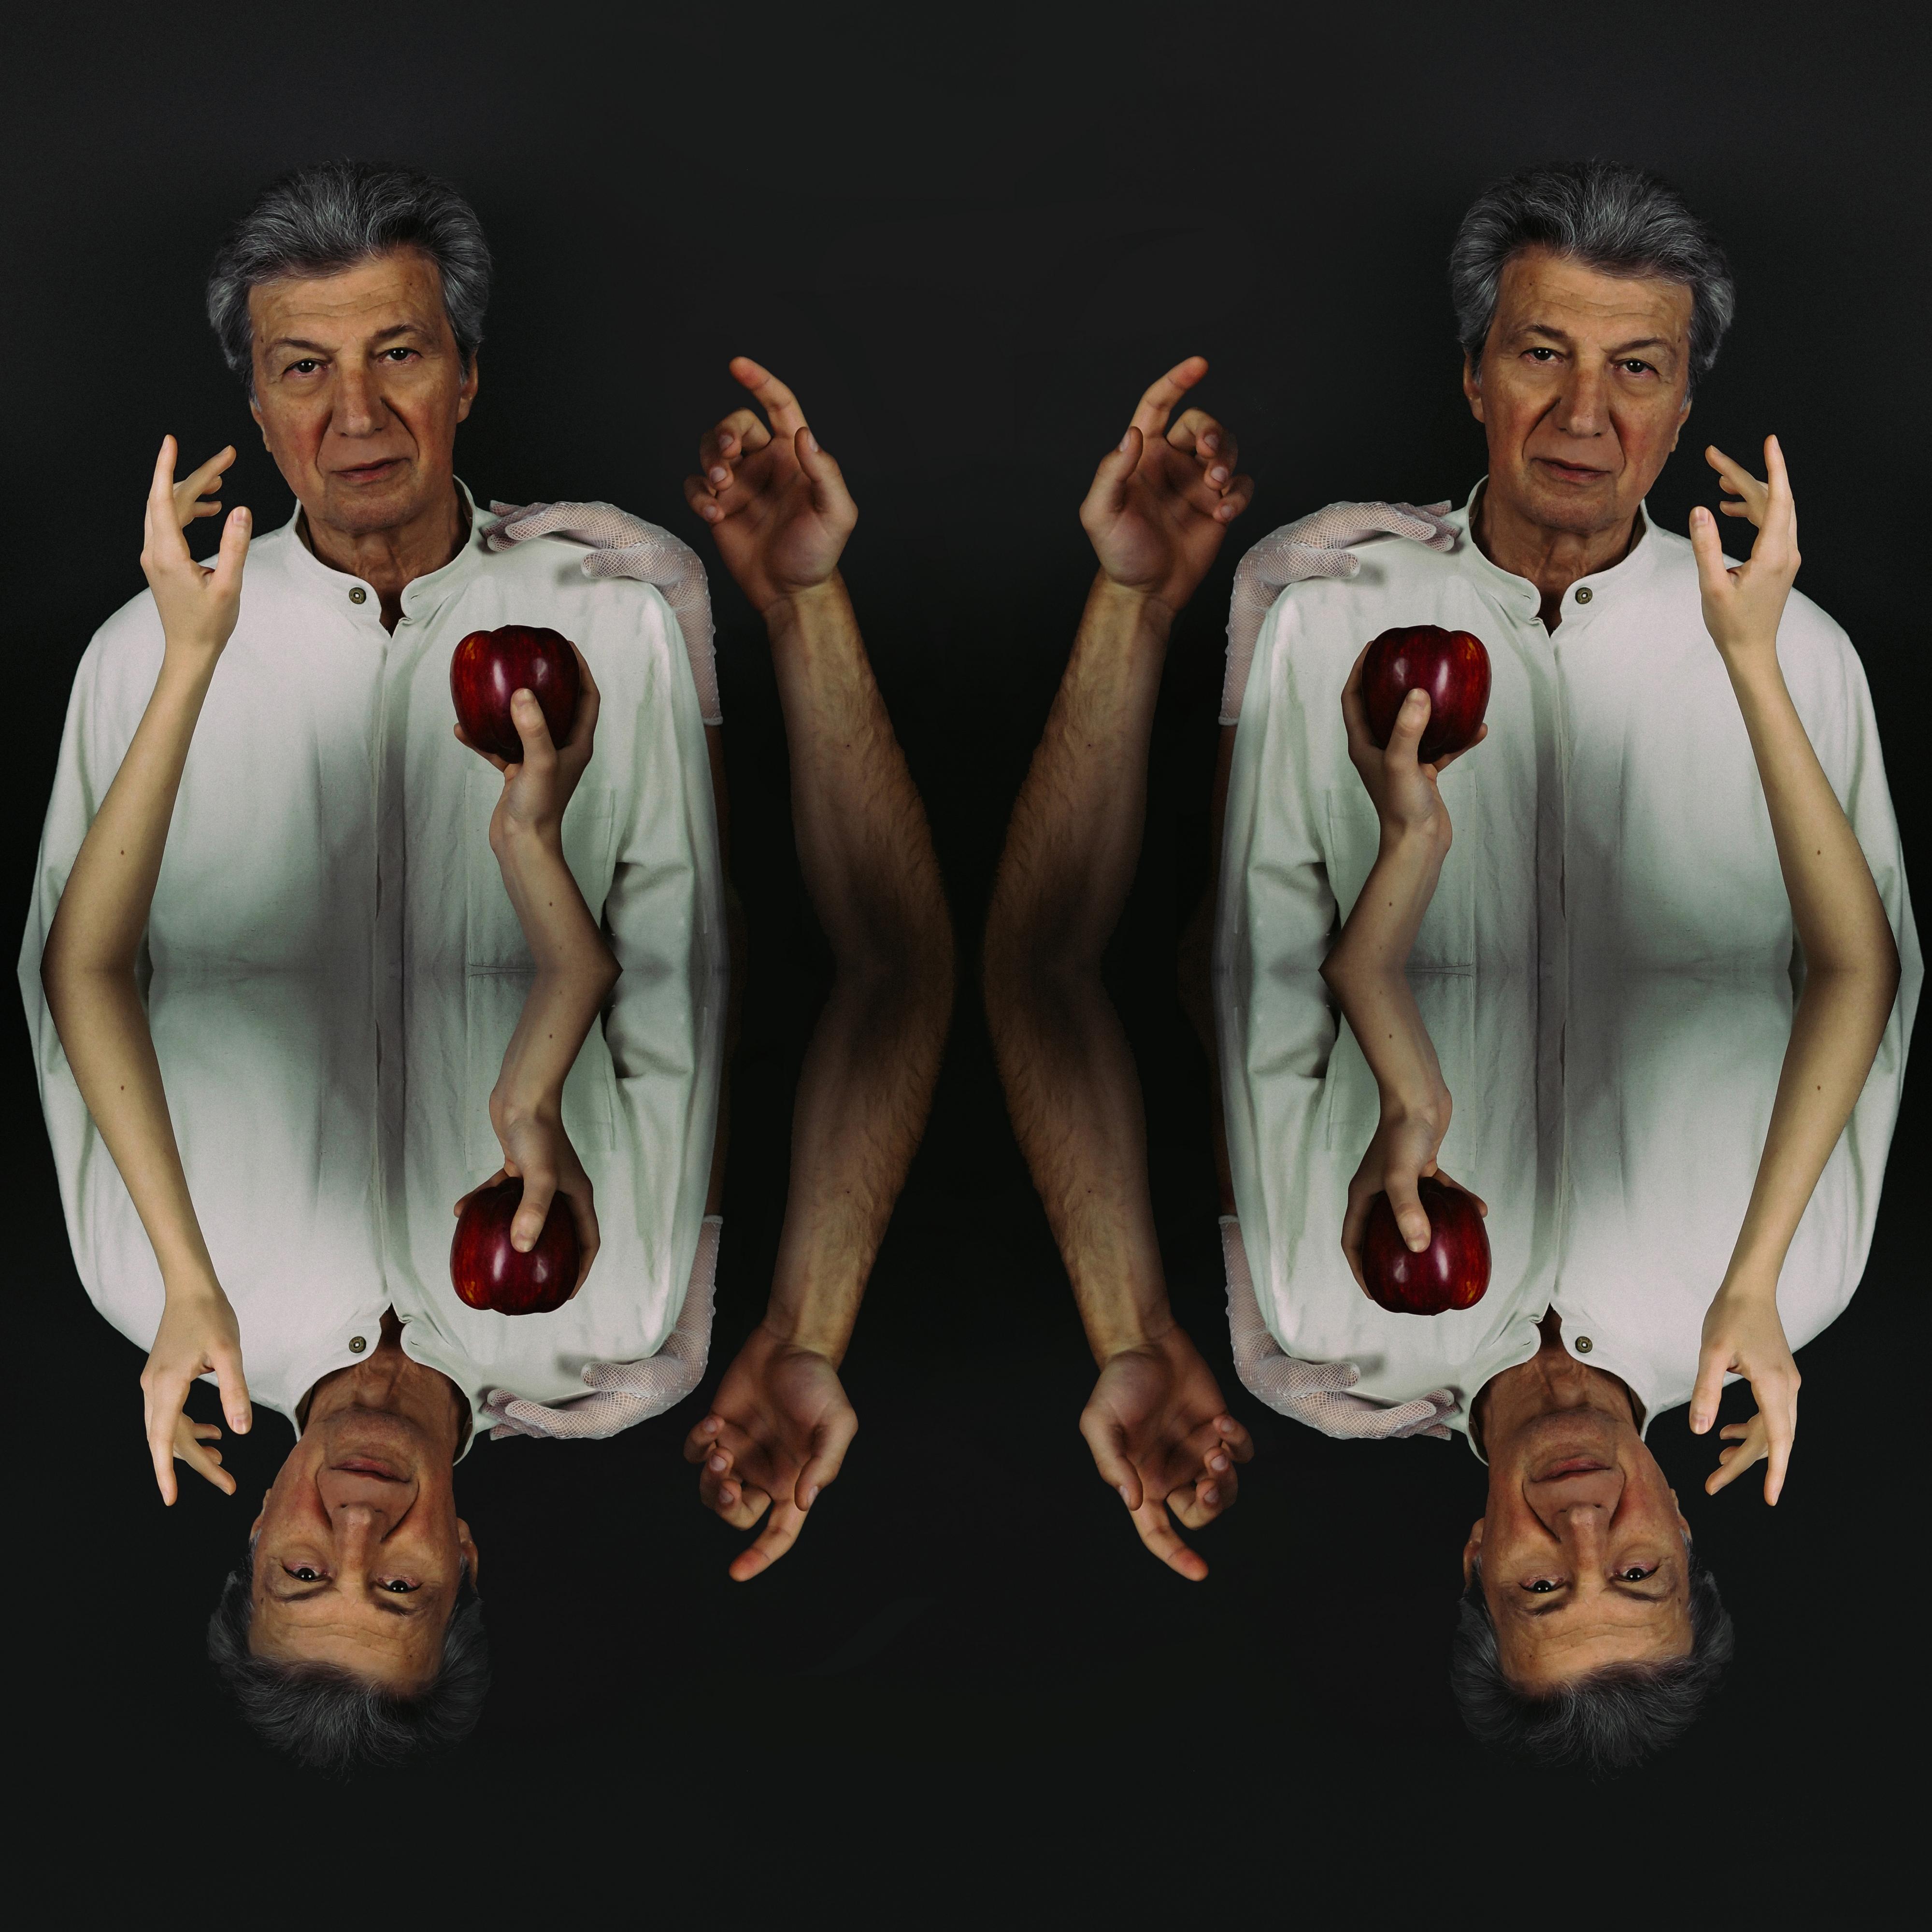 Γιάννης Φερτης x2